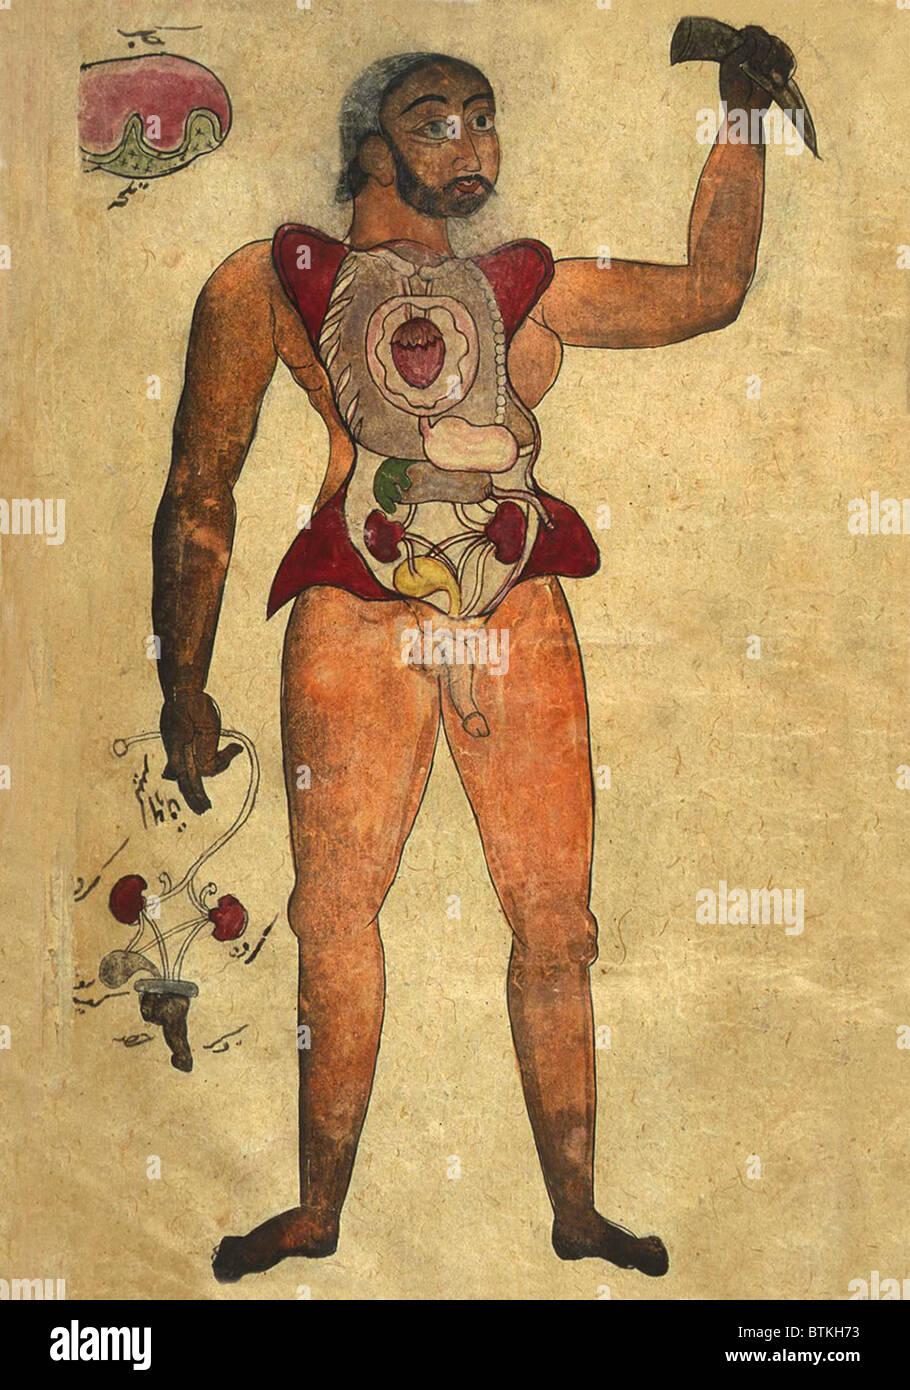 Anatomische Abbildung einer männlichen Figur mit seinem Bauch und ...